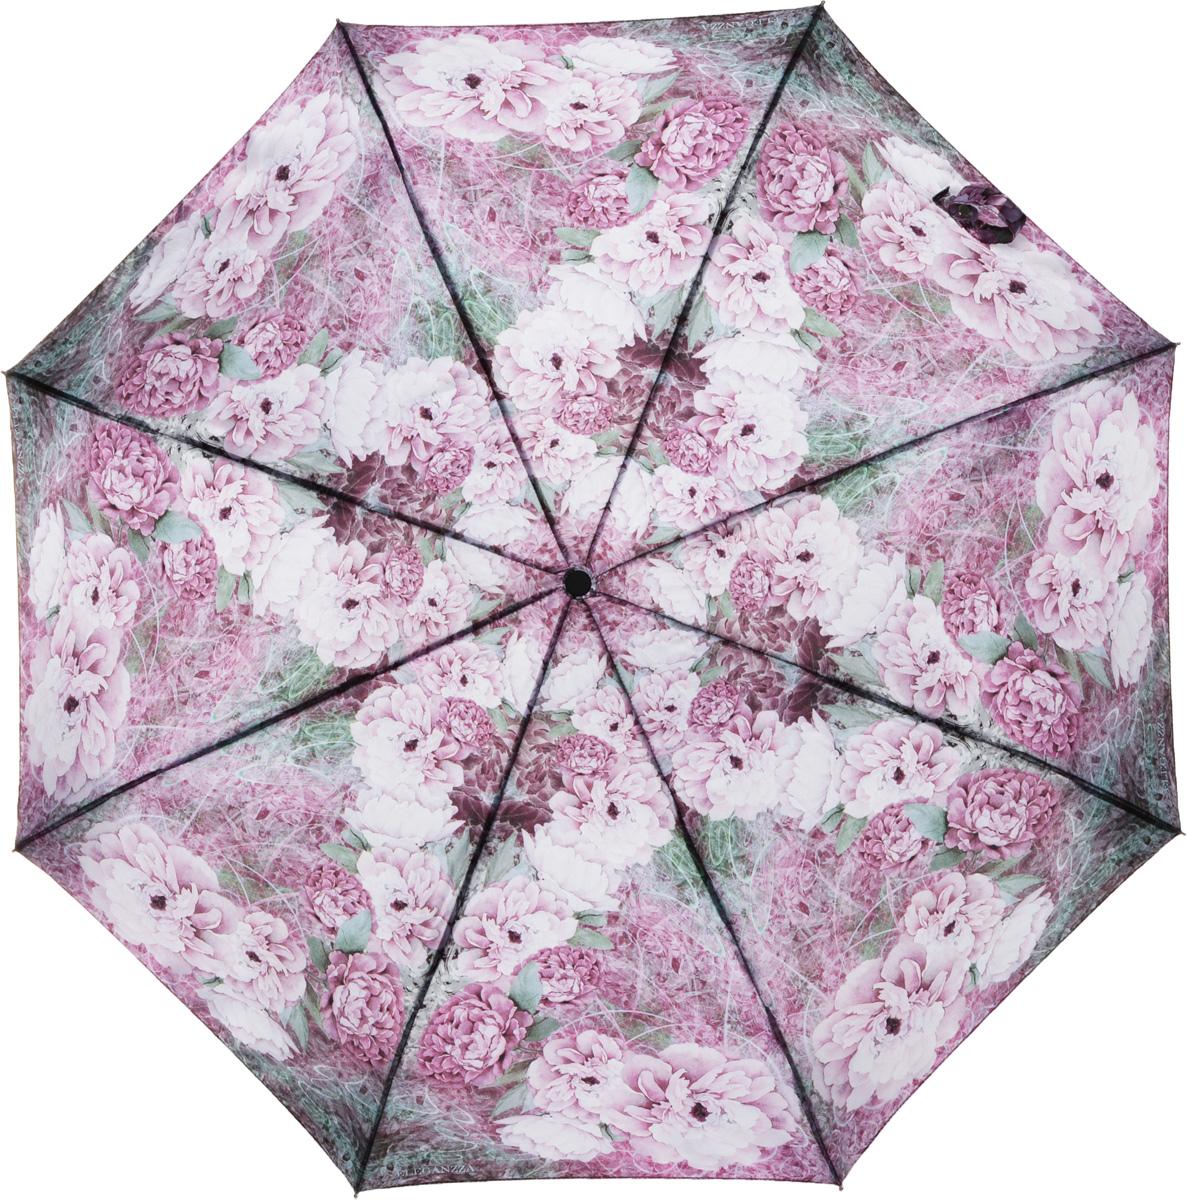 Зонт женский Eleganzza, автомат, 3 сложения, цвет: розовый. A3-05-0291LSA3-05-0291LSЖенский зонт-автомат торговой марки ELEGANZZA с каркасом Smart, который позволяет без особых усилий складывать зонт, не позволяя стержню вылетать обратно. Купол: 100% полиэстер, сатин. Материал каркаса: сталь + алюминий + фибергласс. Материал ручки: пластик. Длина изделия - 30 см. Диаметр купола - 105 см. Система Smart, не позволяет стержню при сложении вылететь обратно, это облегчает сложение зонта! При сложении есть характерный звук-треск, как трещетка. Примечание: зонт не откроется с кнопки если его не закрыть до щелчка!